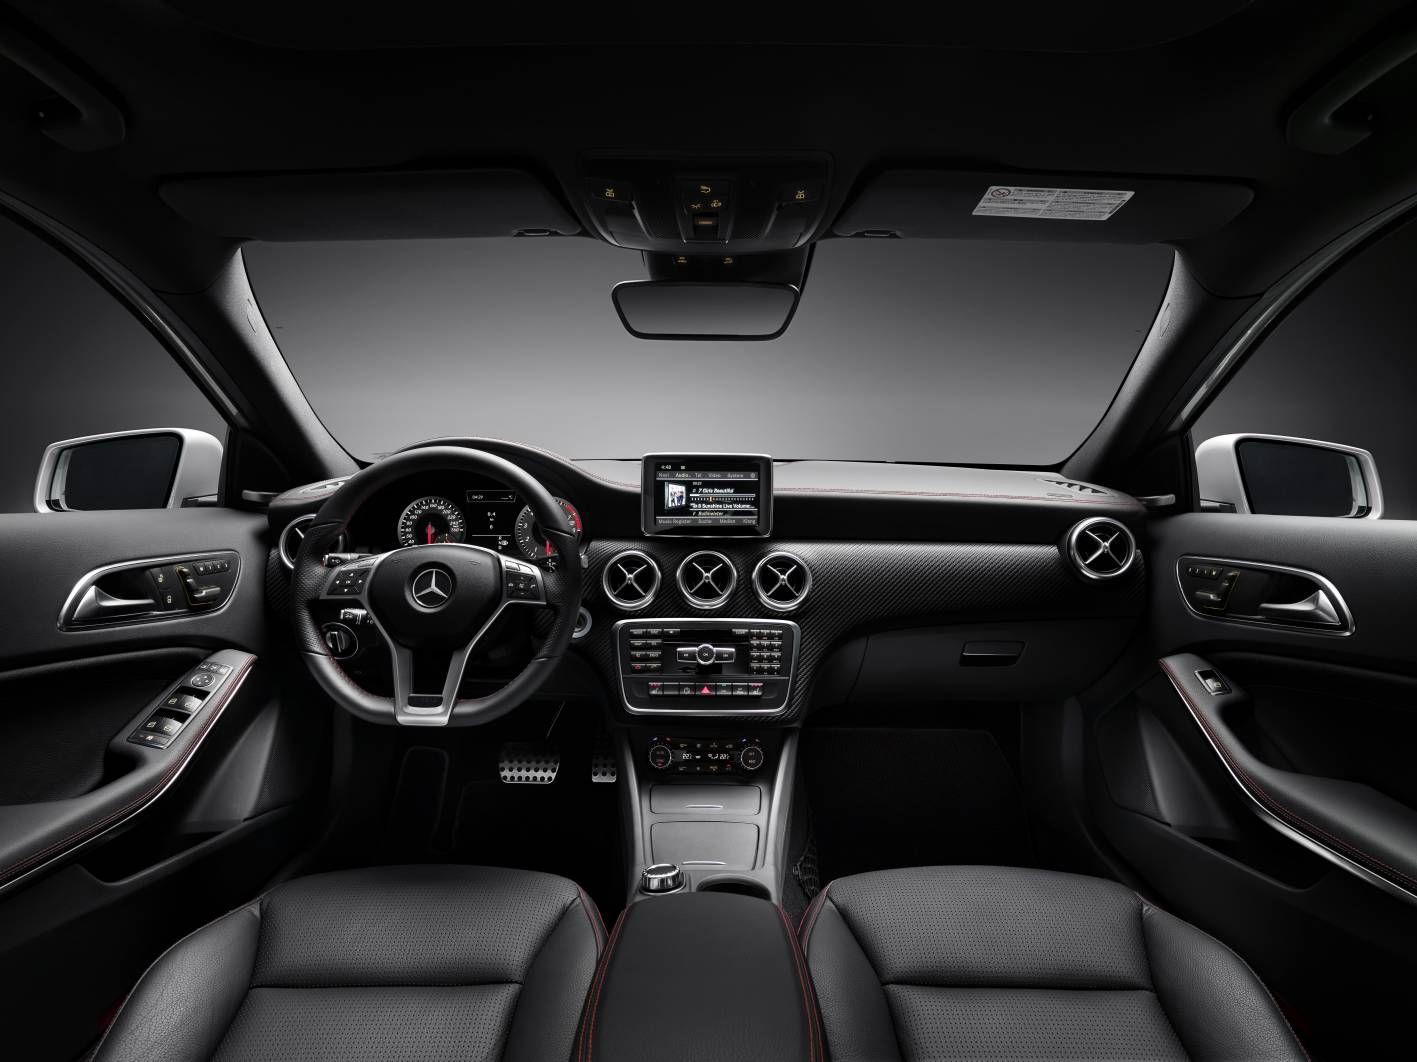 Mercedes benz a class 250 sport interior